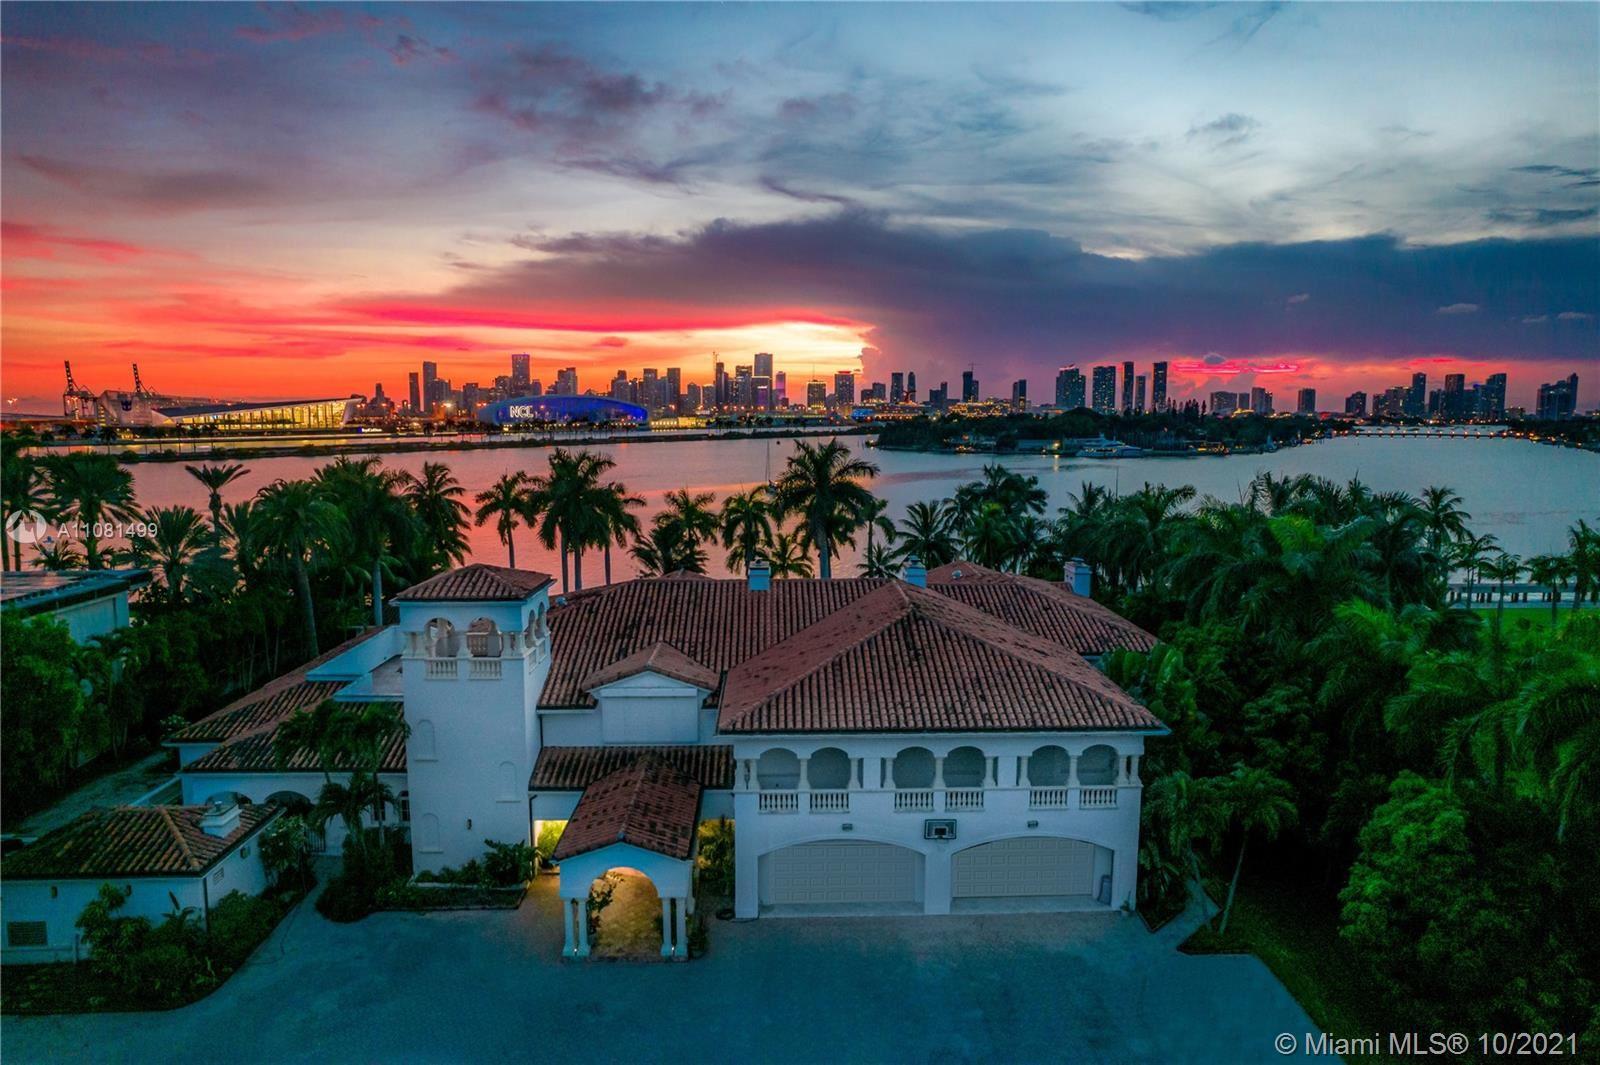 Photo for 8-9 Star Island Dr, Miami Beach, FL 33139 (MLS # A11081499)